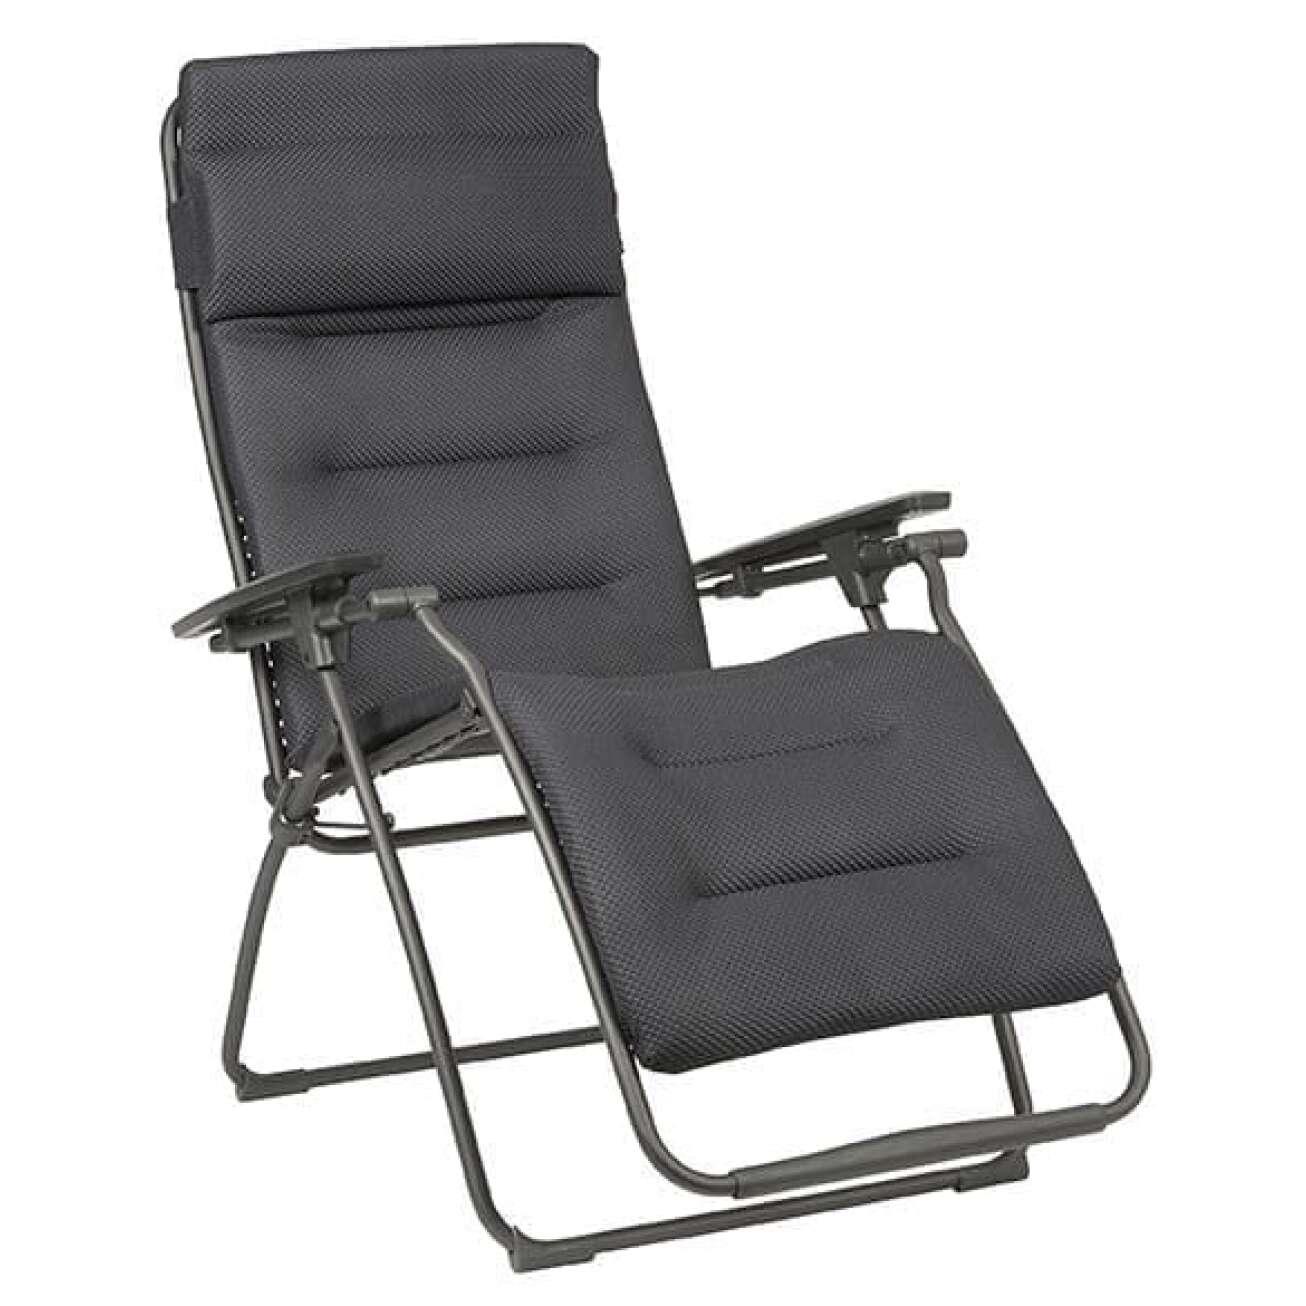 Lafuma recleiner stol som er sammenleggbar med nakkepute i åpen posisjon